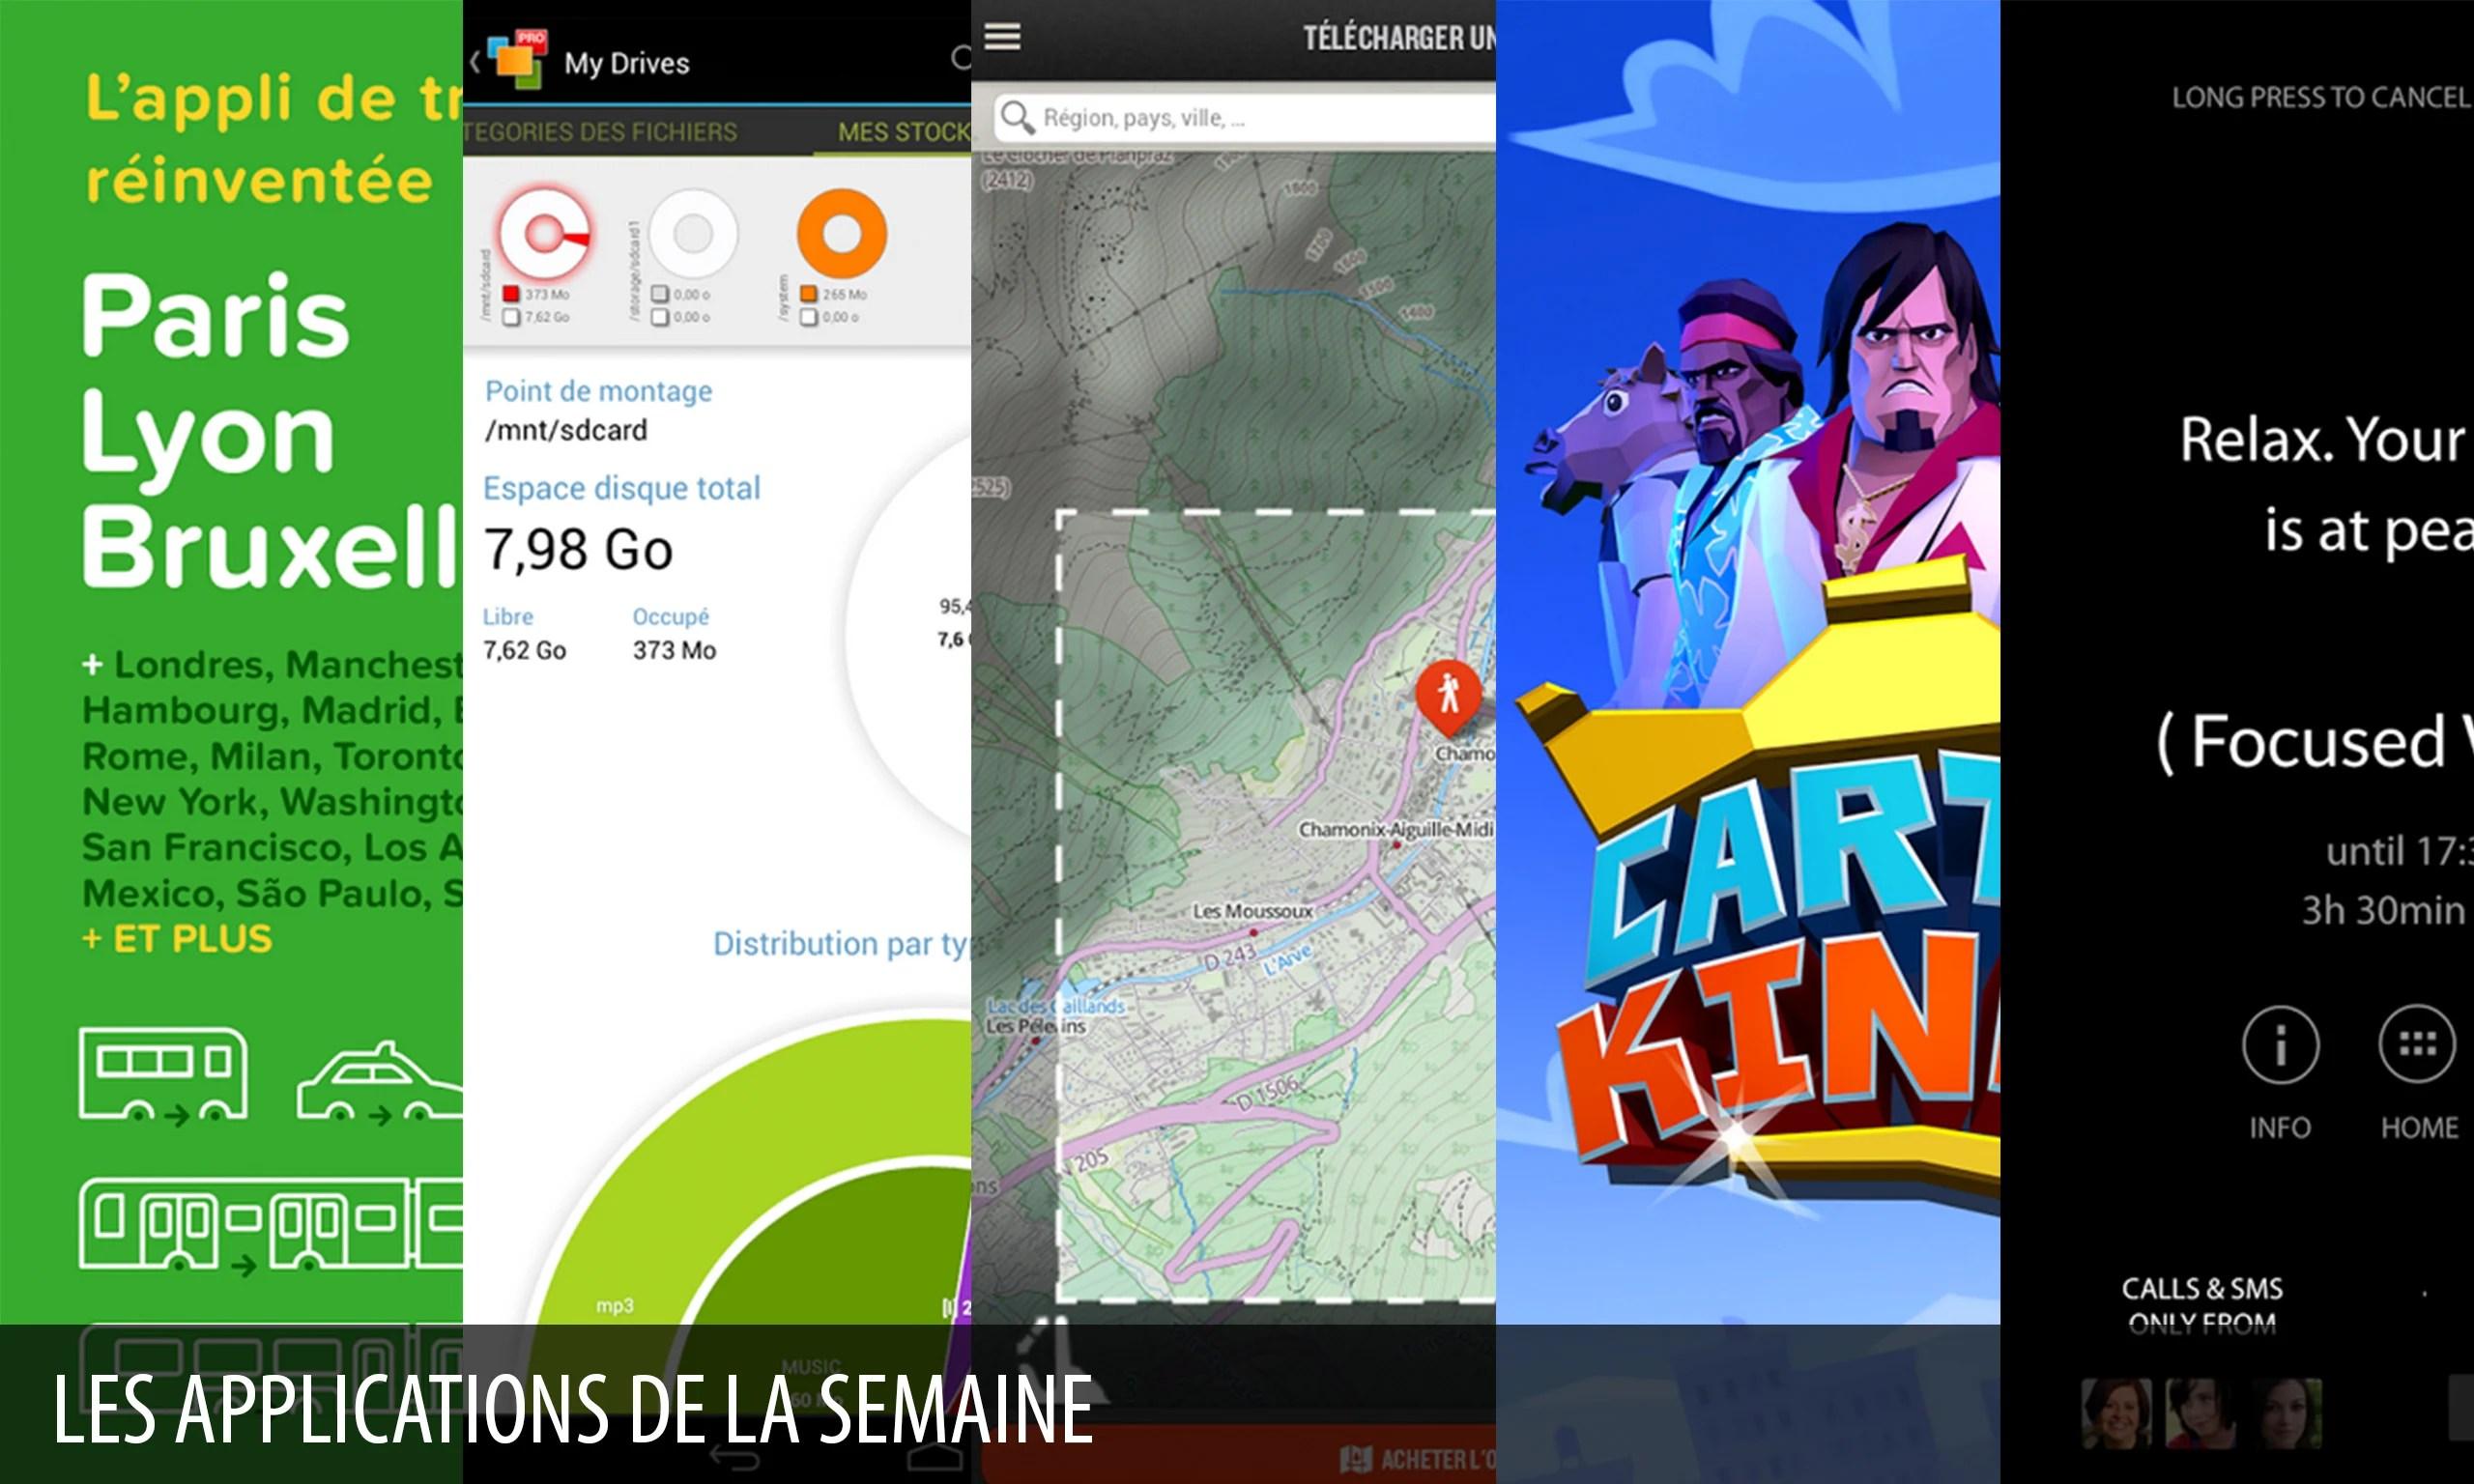 Les apps de la semaine : CityMapper, (Offtime), Quechua Tracking,…